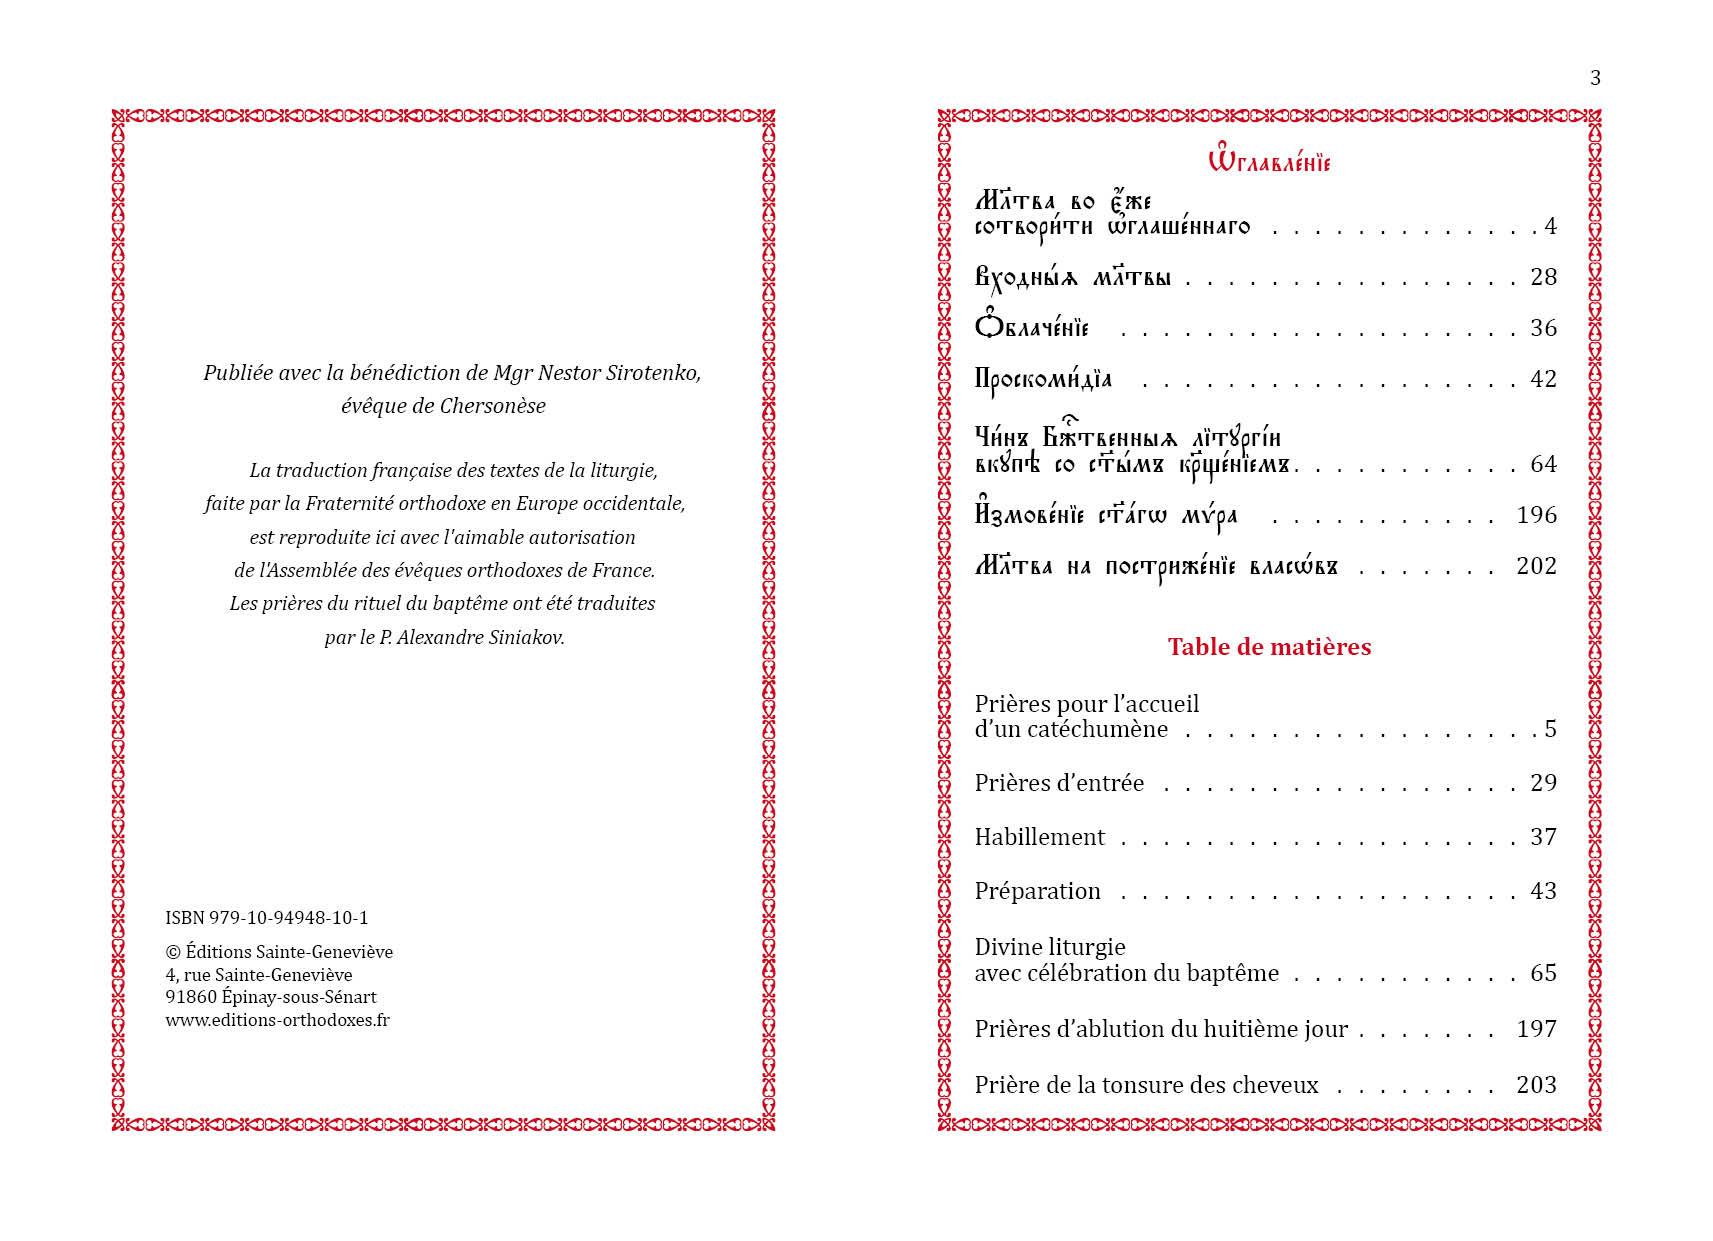 Liturgie baptismale en version bilingue (français et slavon)